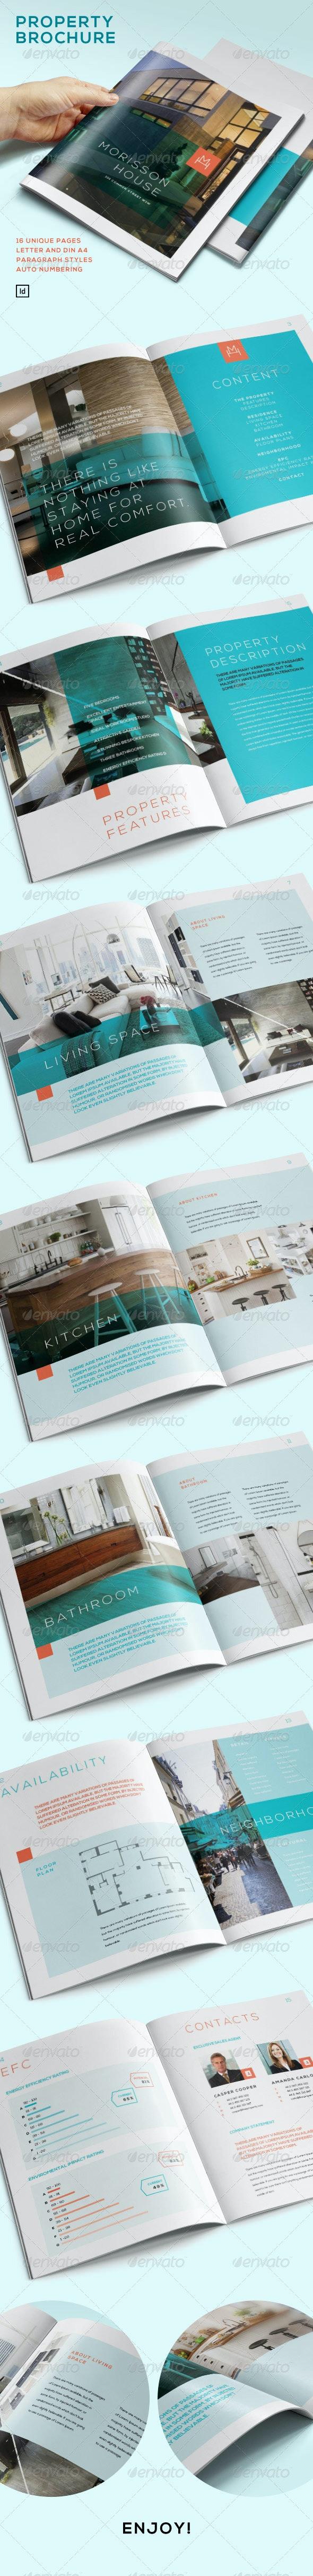 Property Brochure - Corporate Brochures